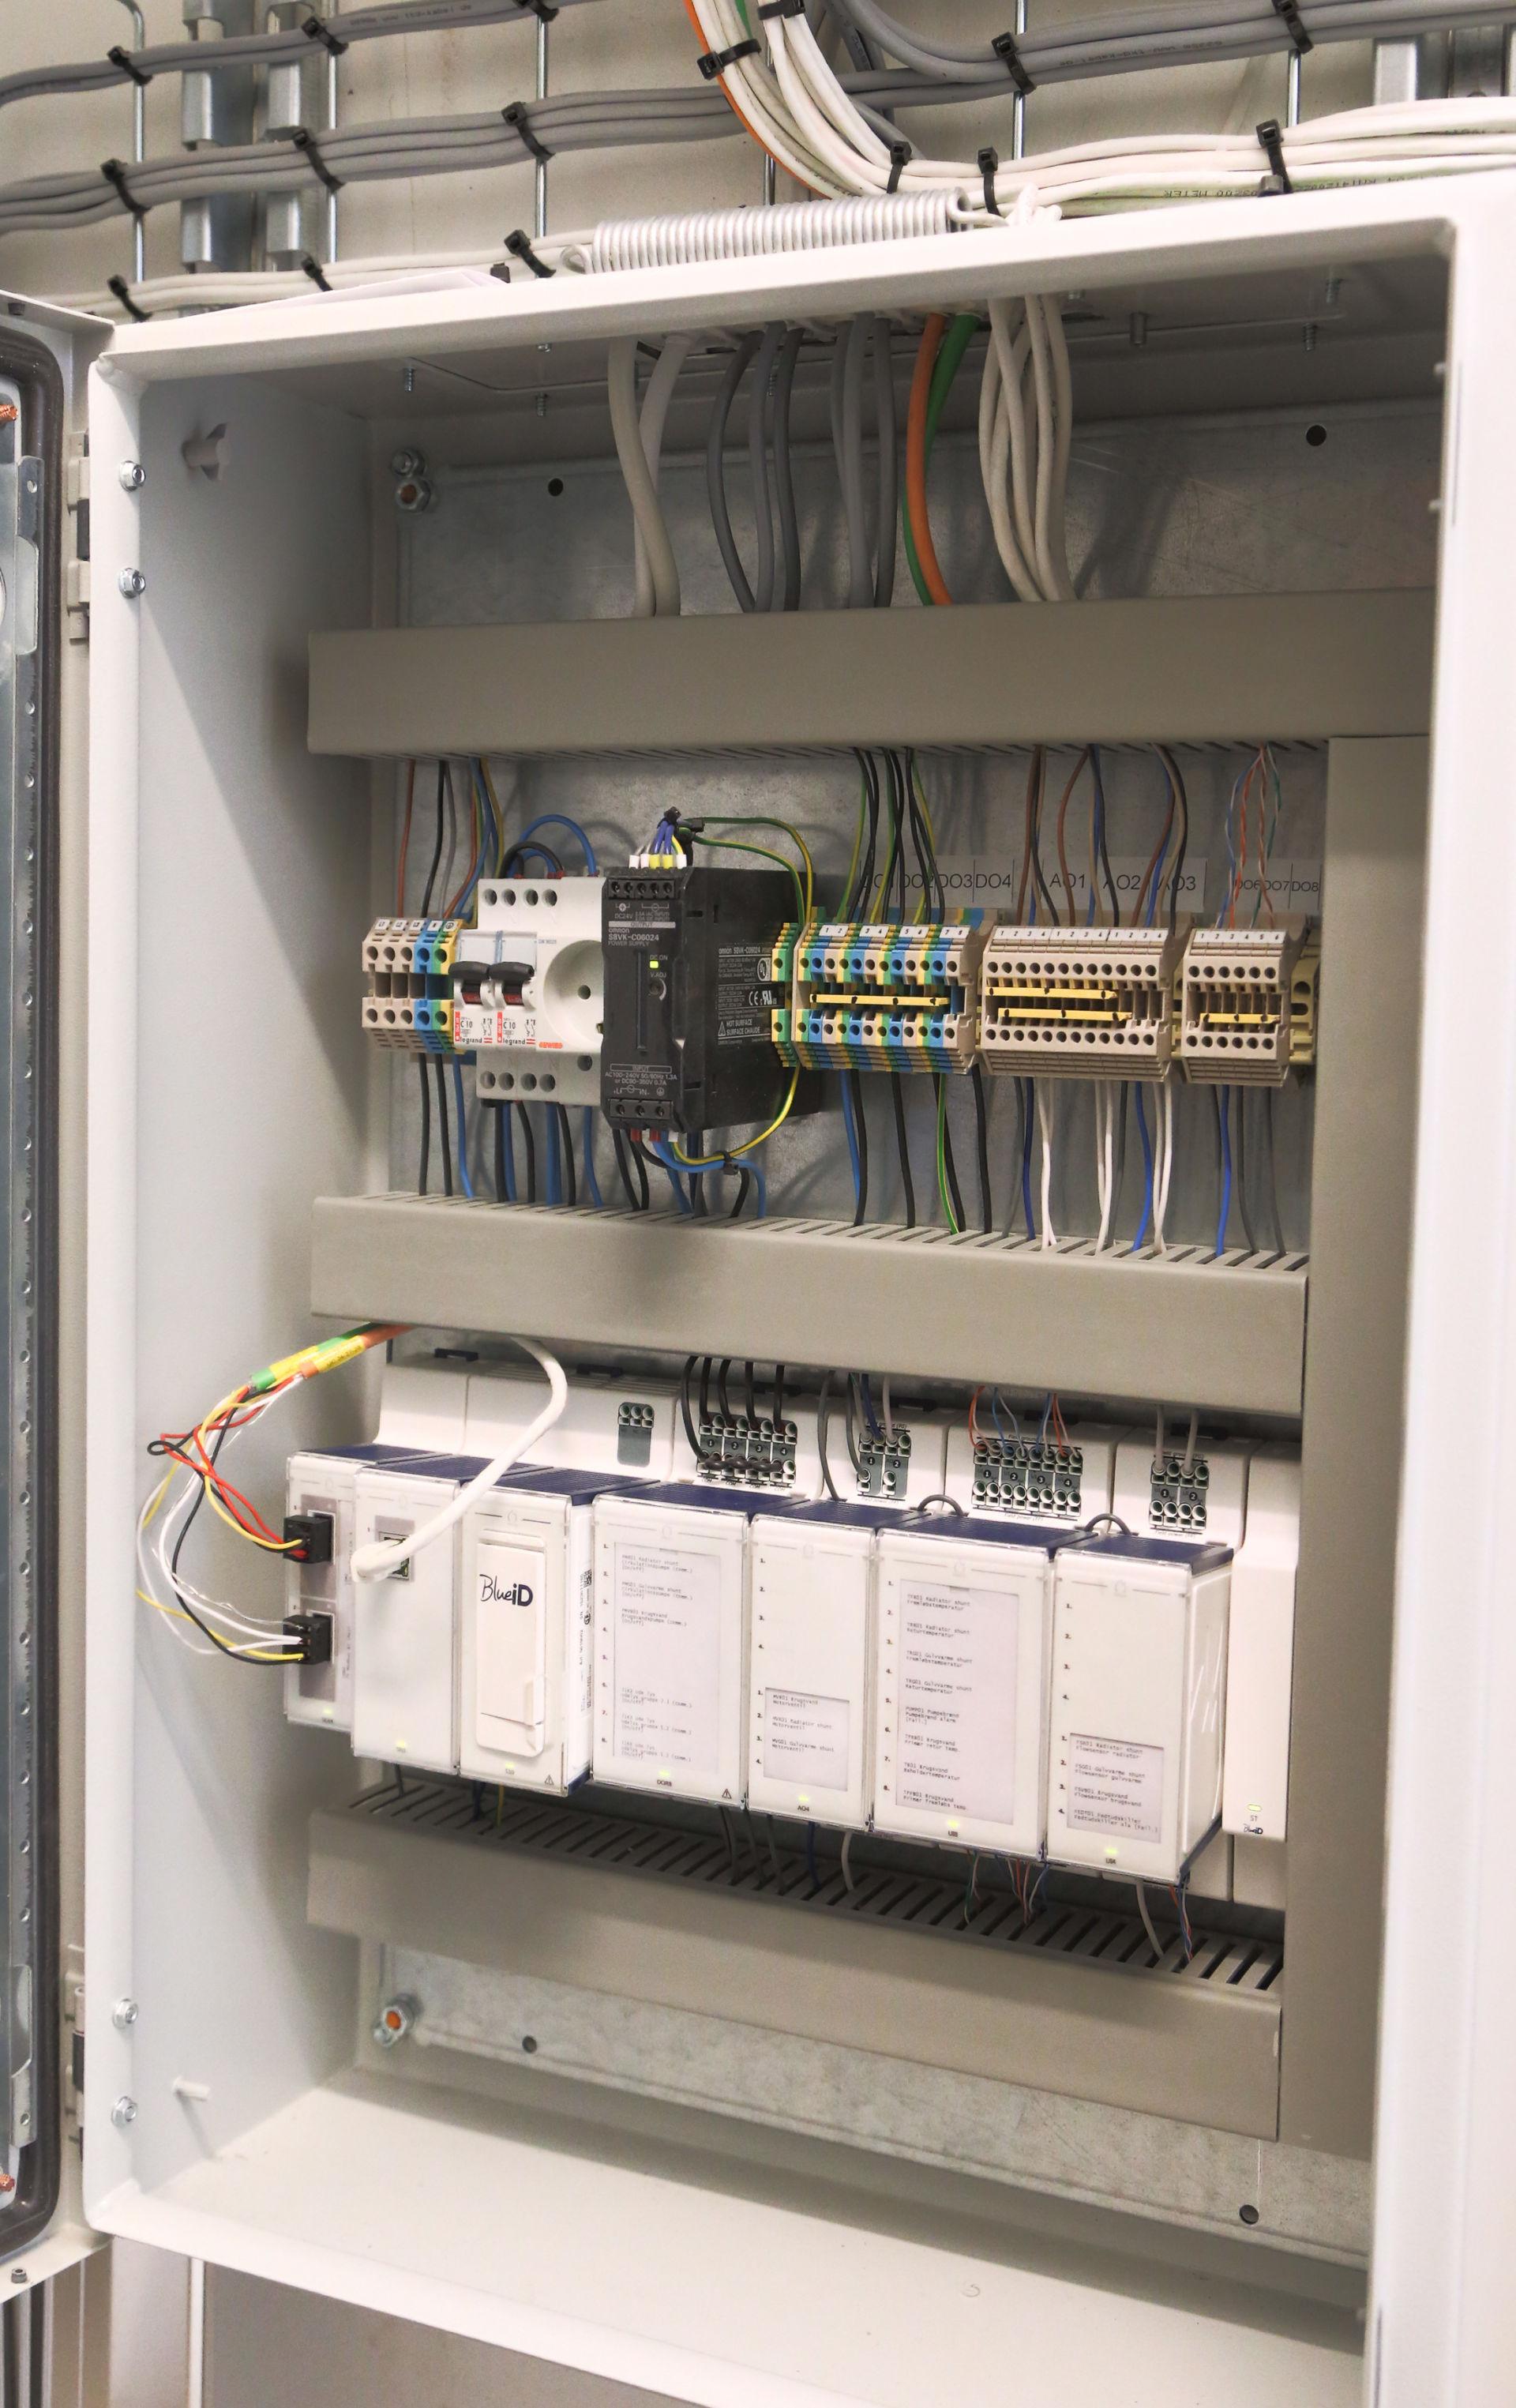 el-installatør Silkeborg